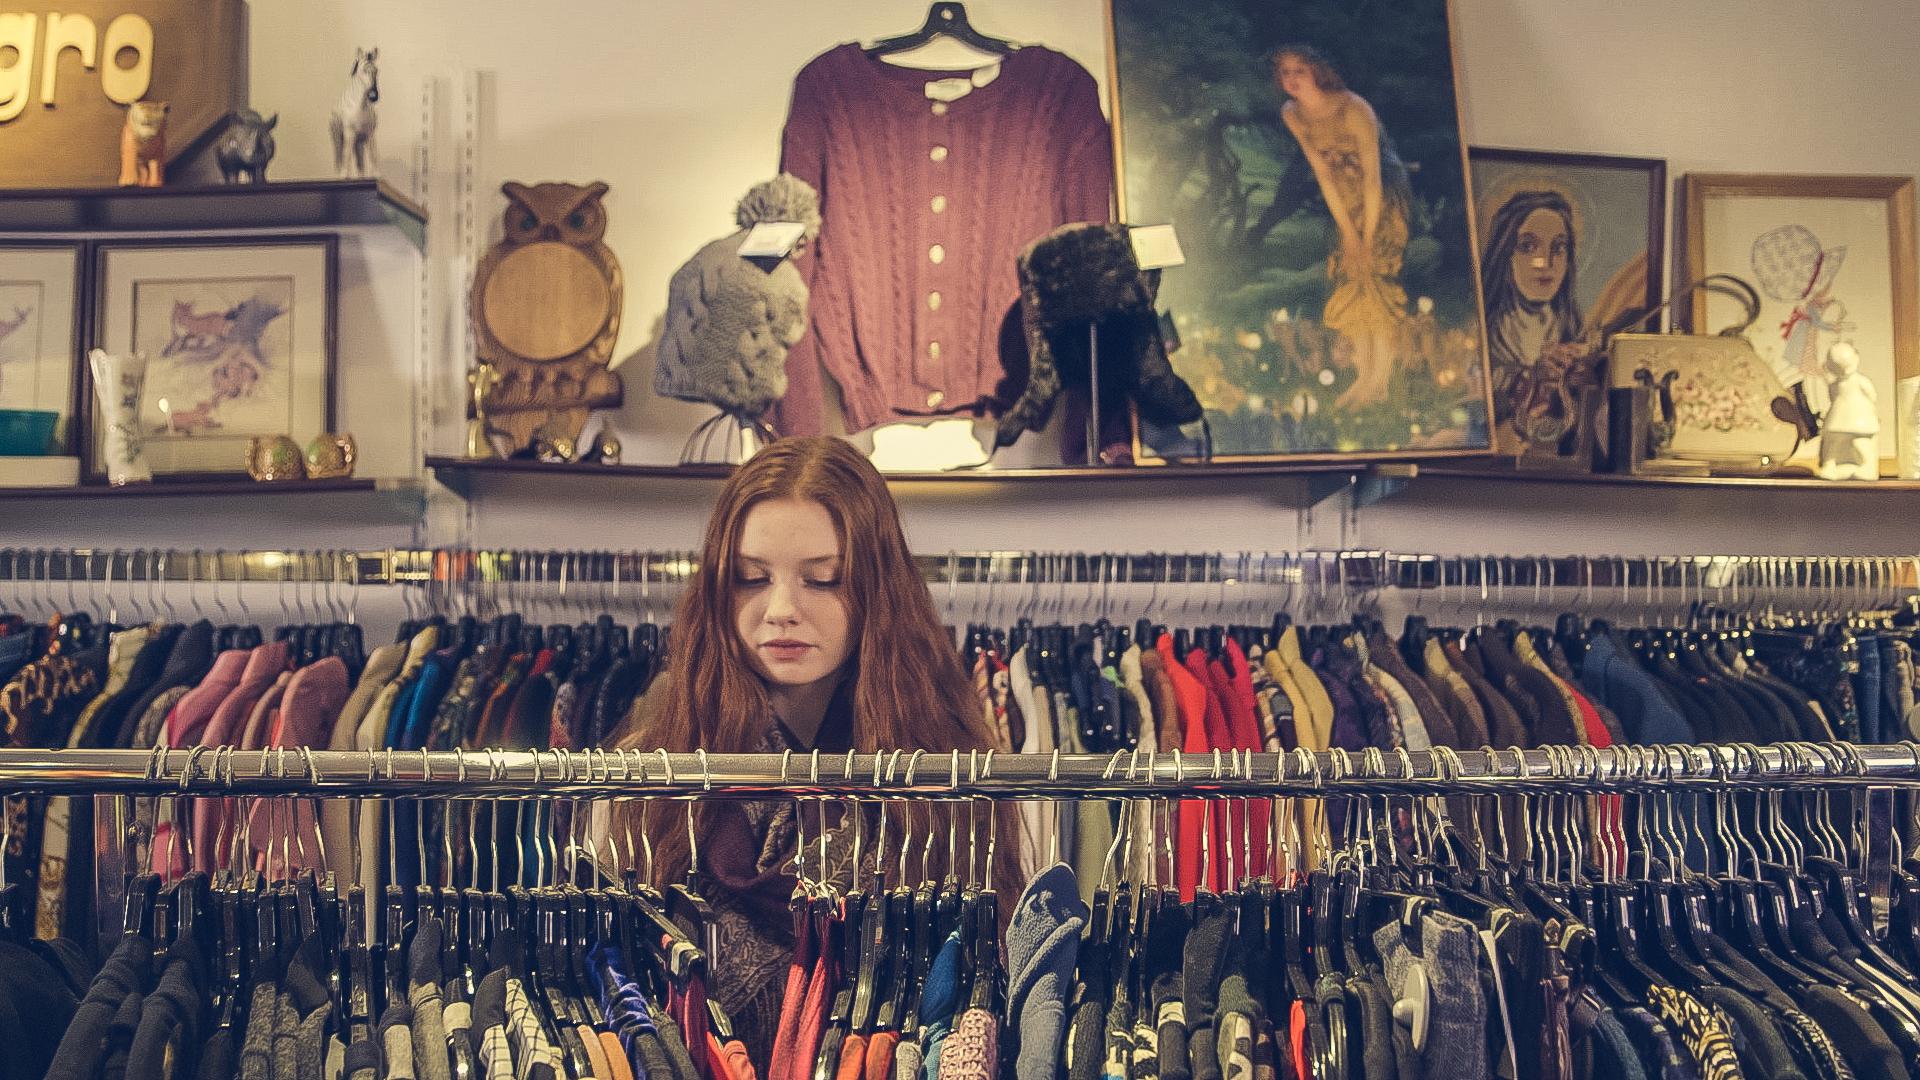 女性の近くの衣類の写真